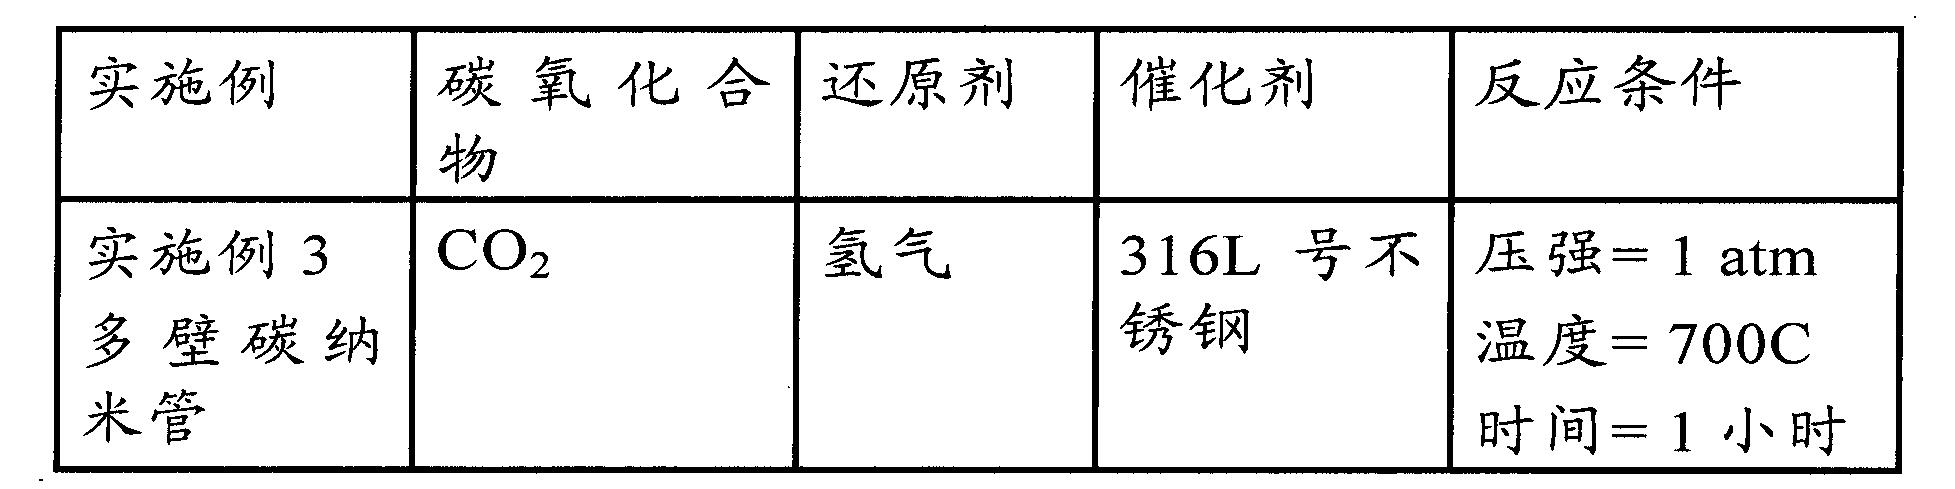 Figure CN102459727BD00242